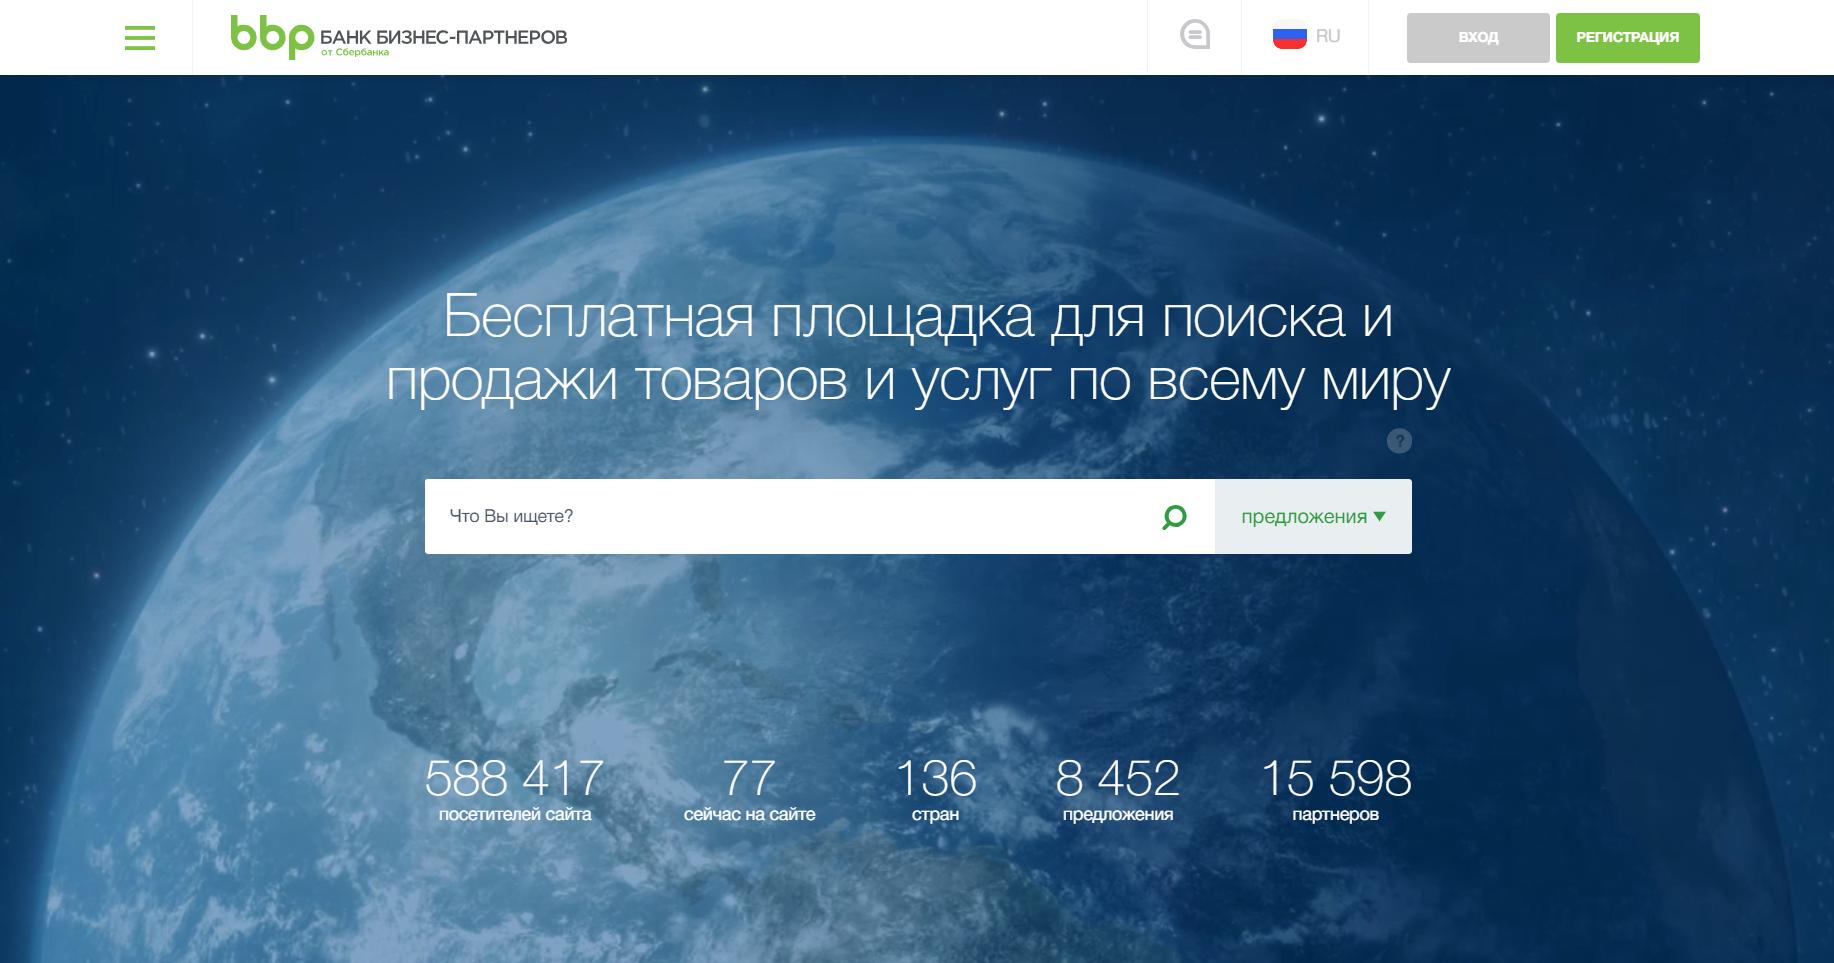 Онлайн-площадка для экспортеров и импортеров «Банка бизнес-партнеров» от Сбербанка